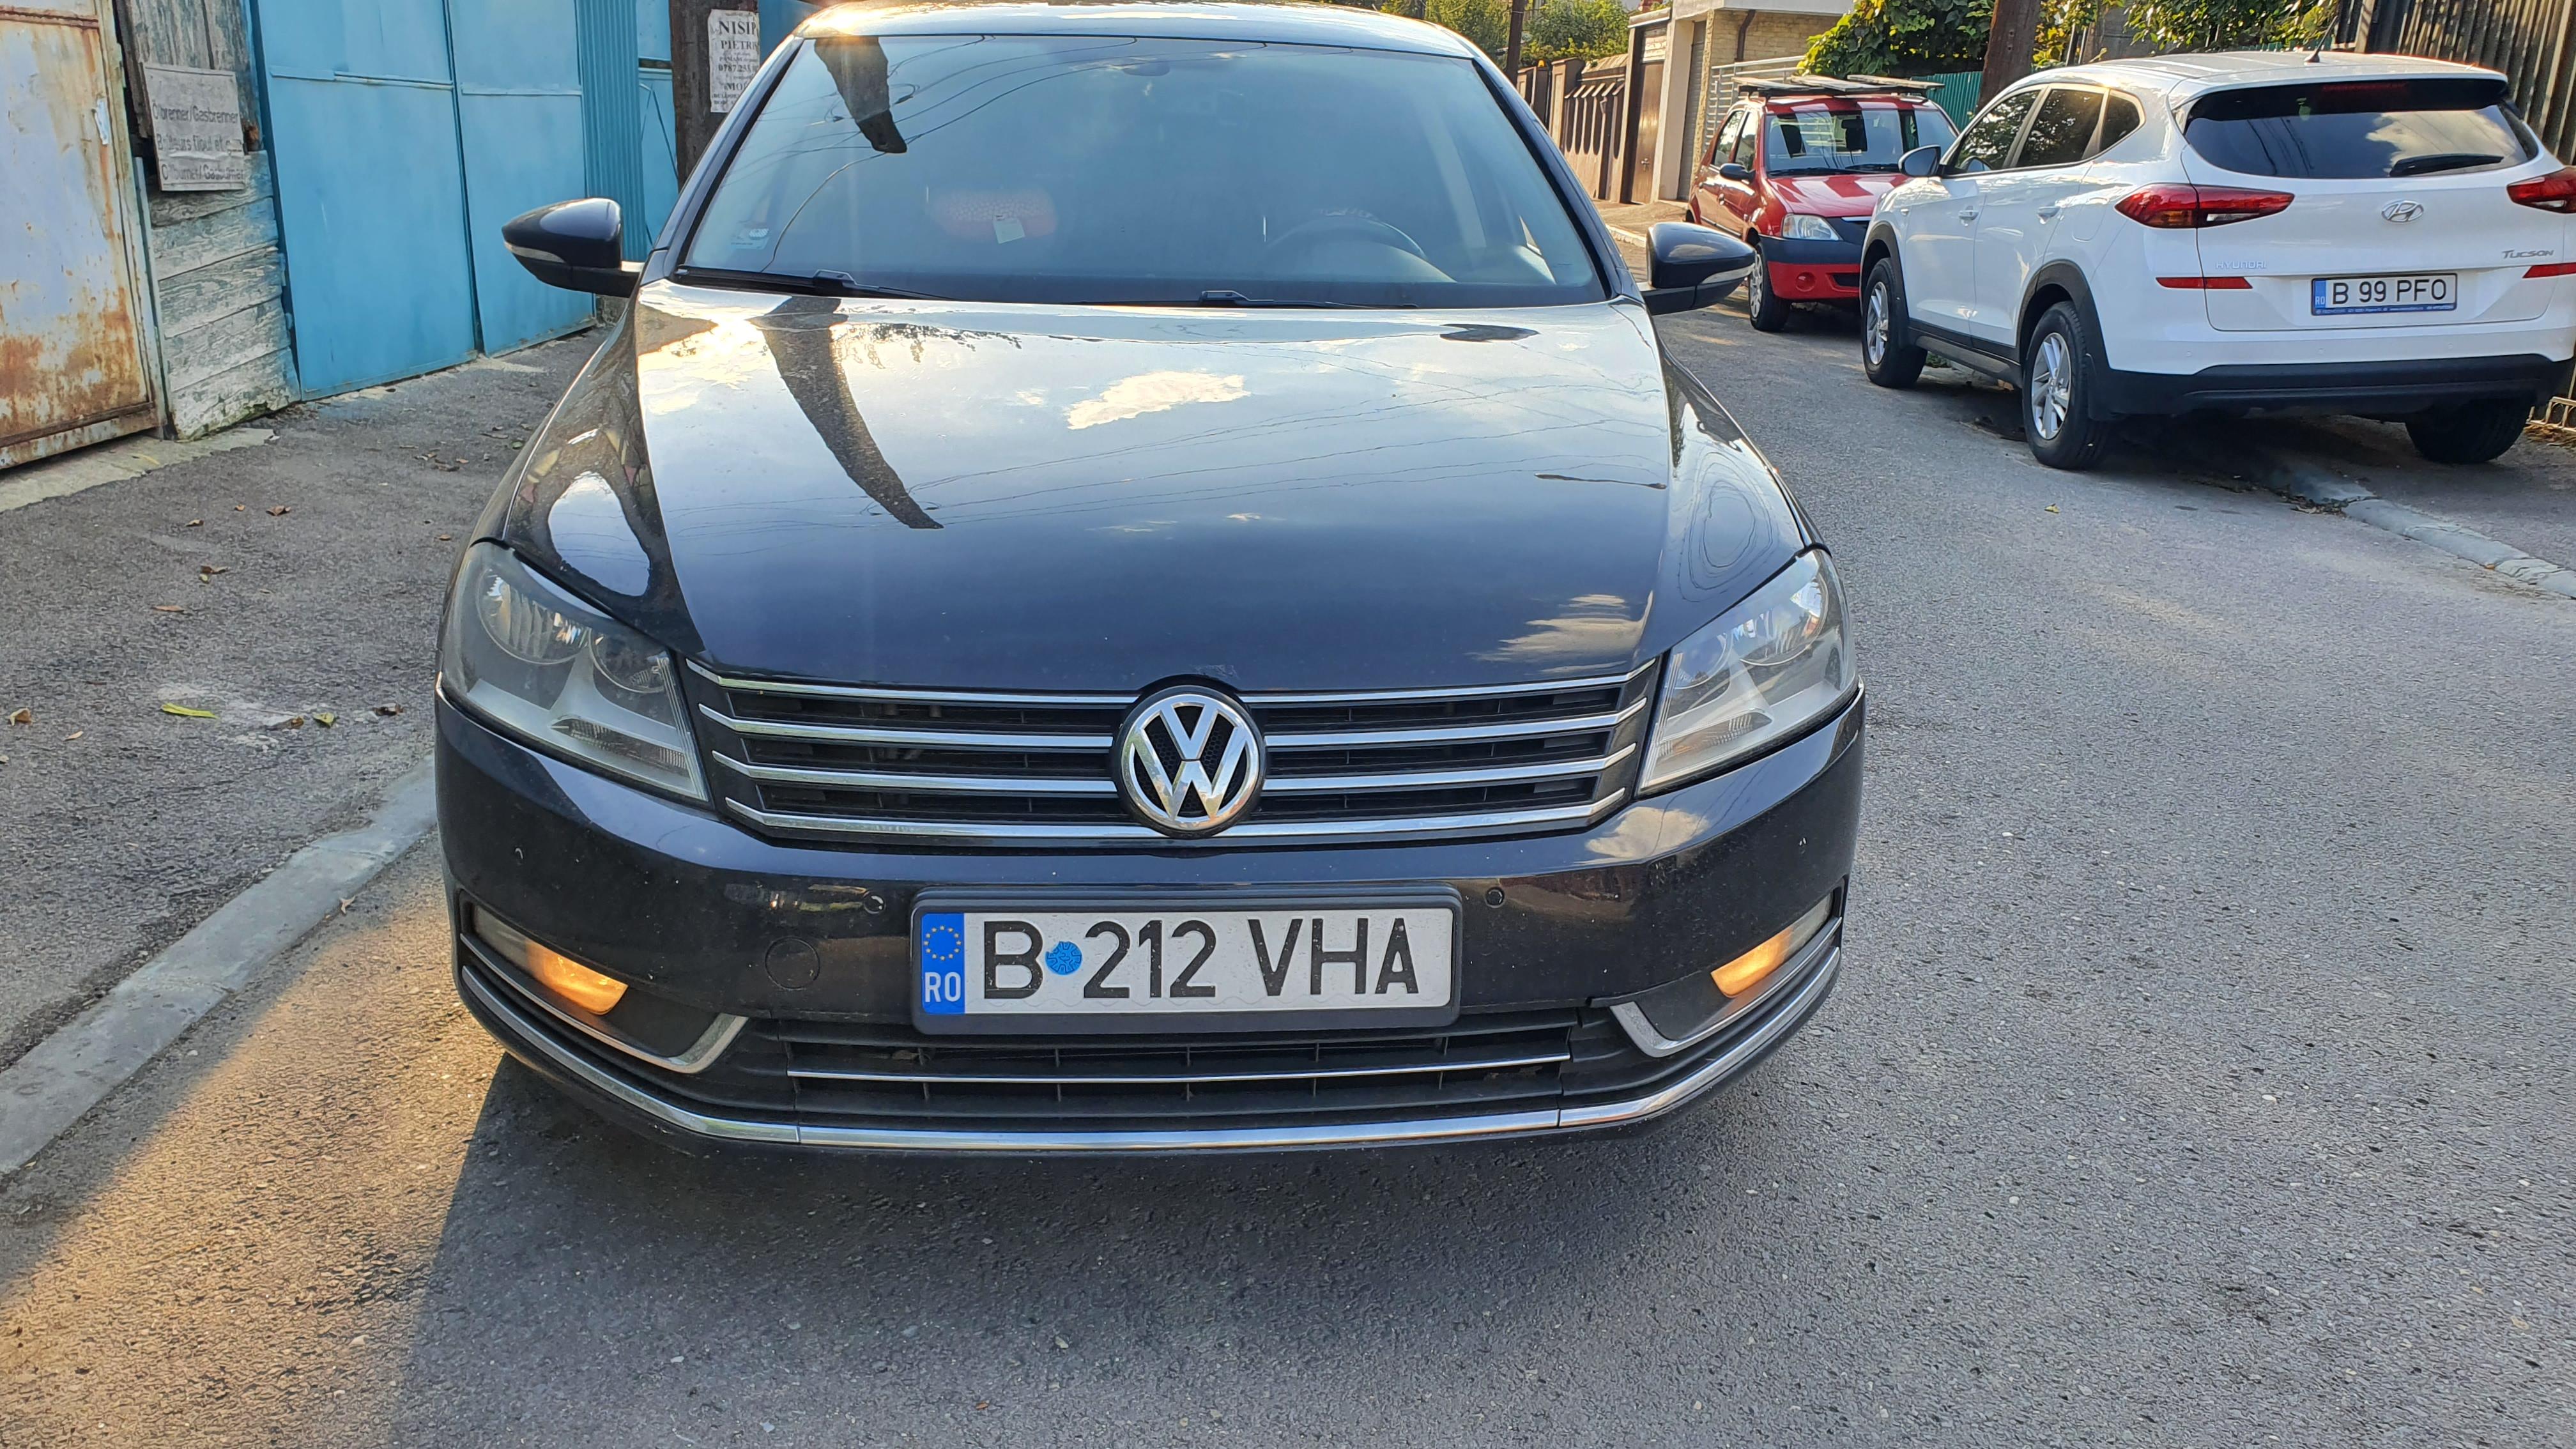 Imagine Inchiriaza auto VW Passat 2012 1